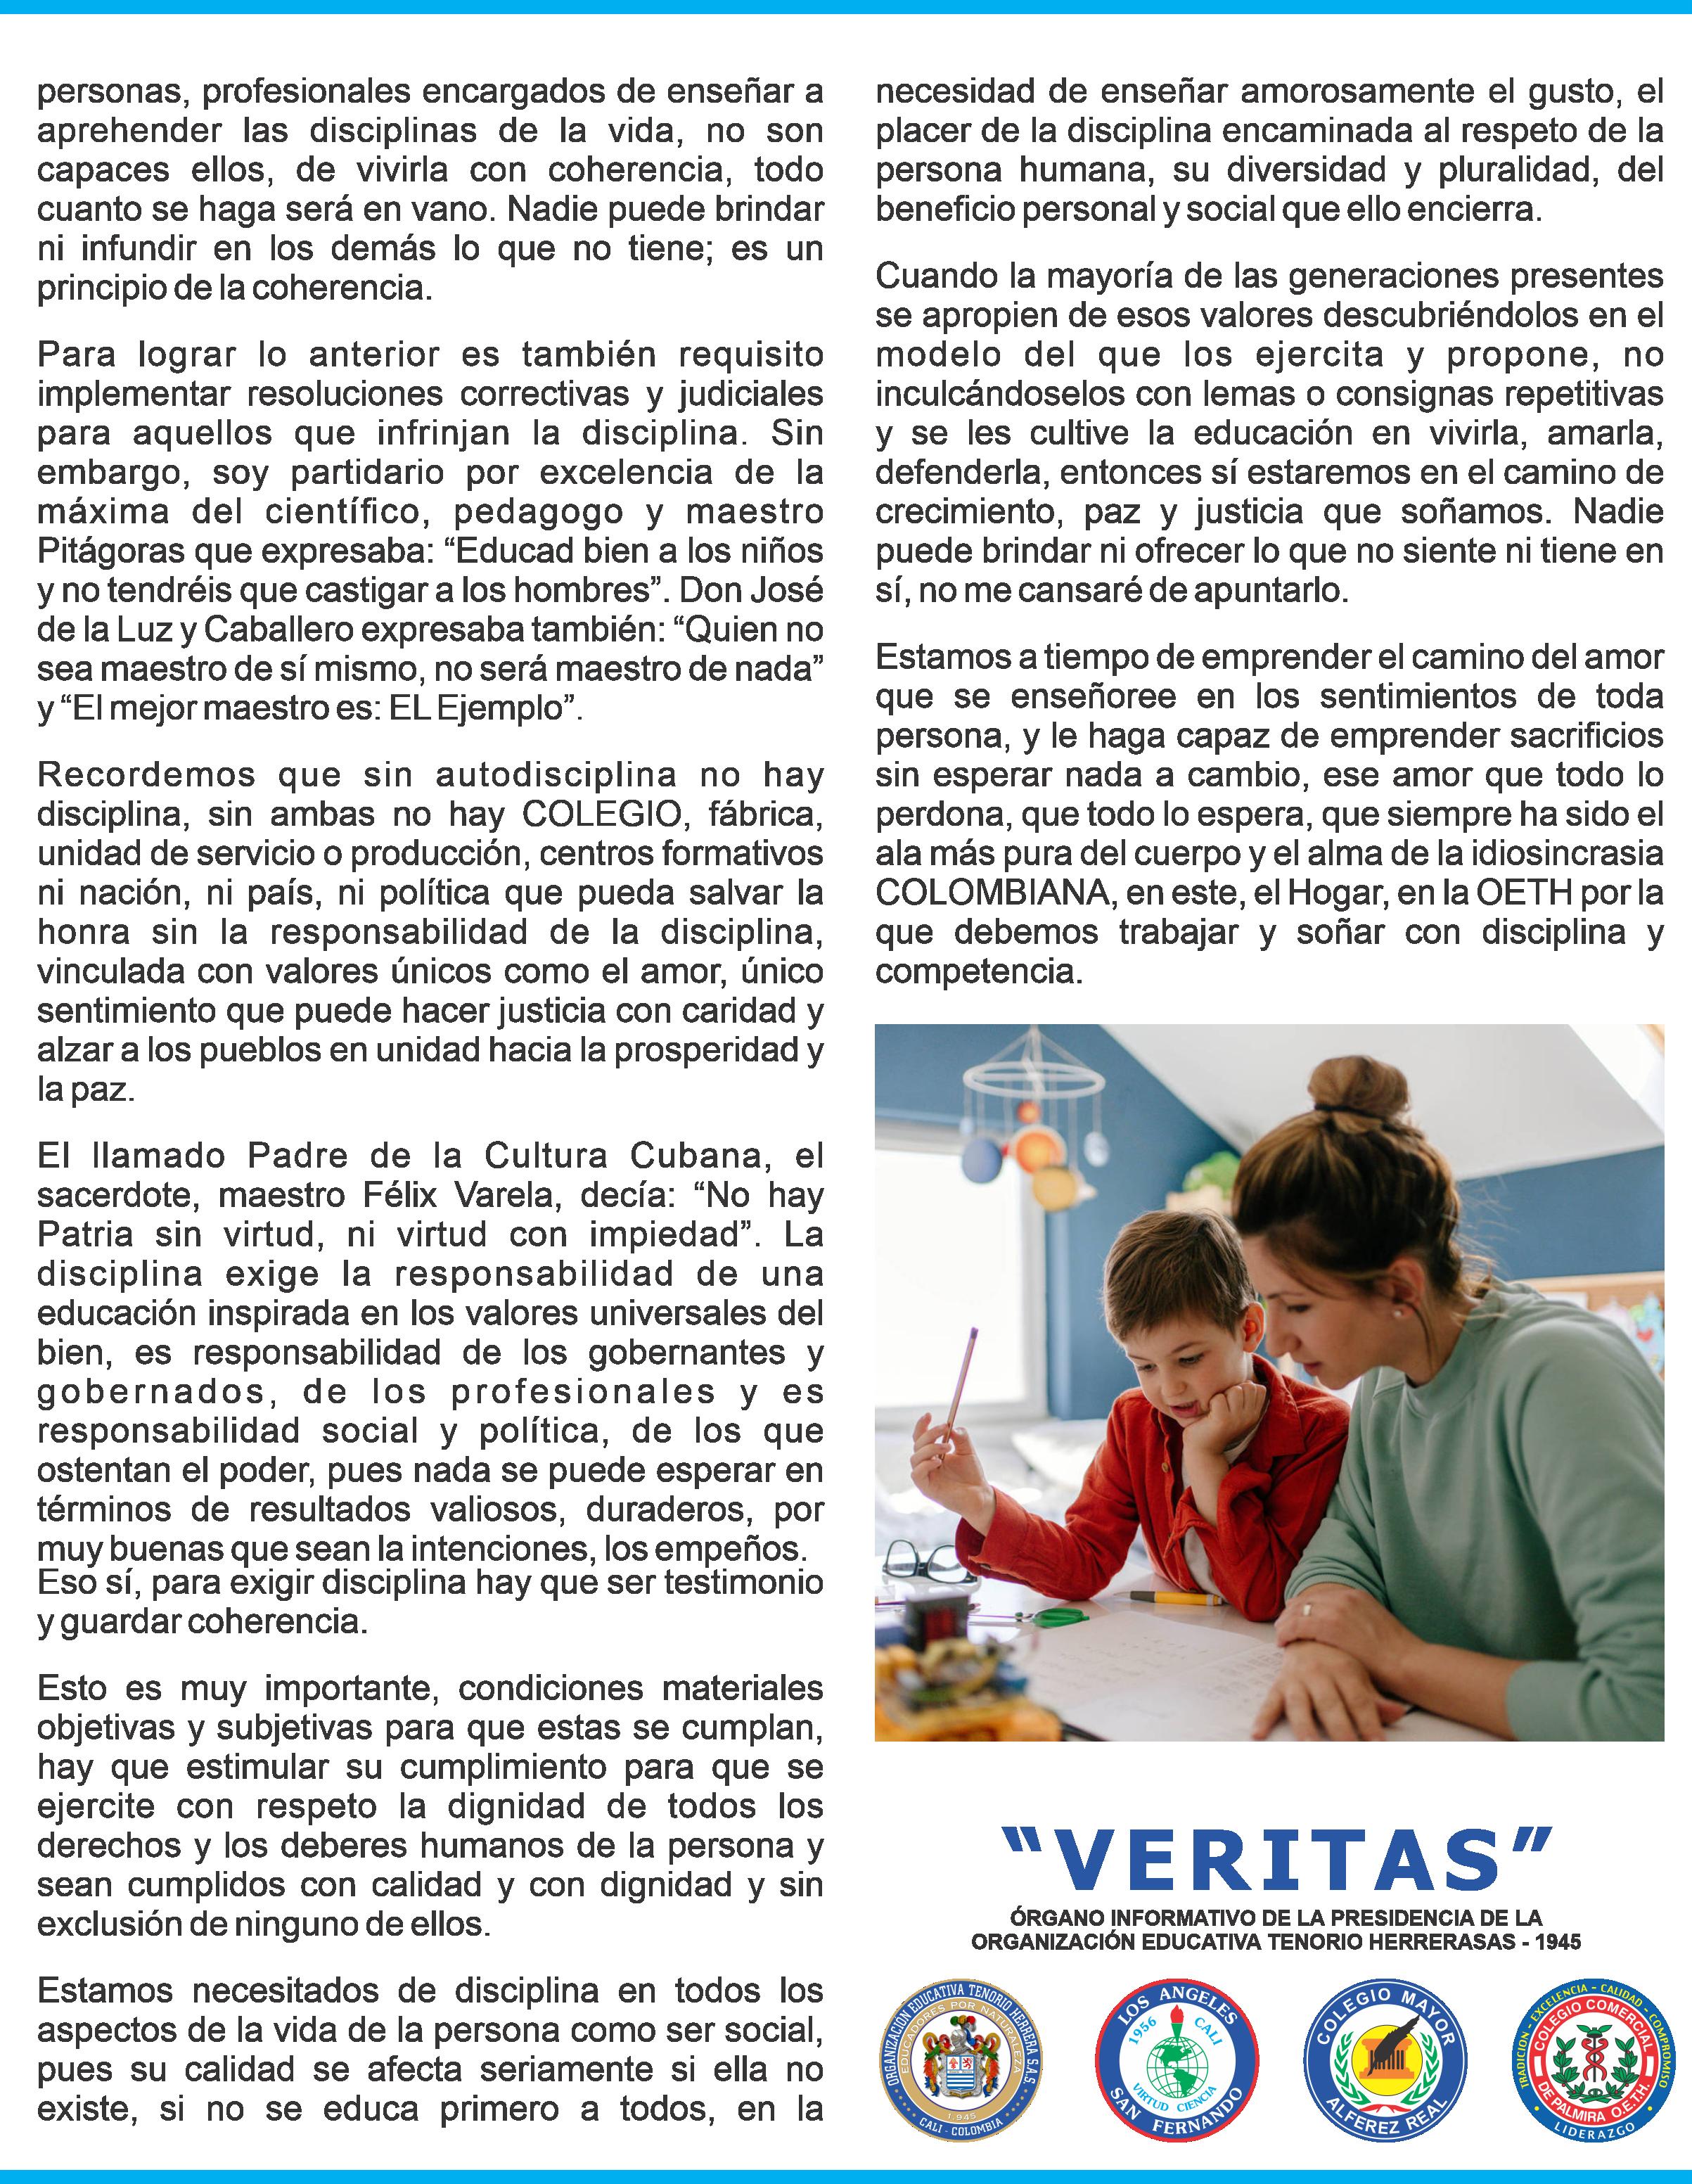 VERITAS1